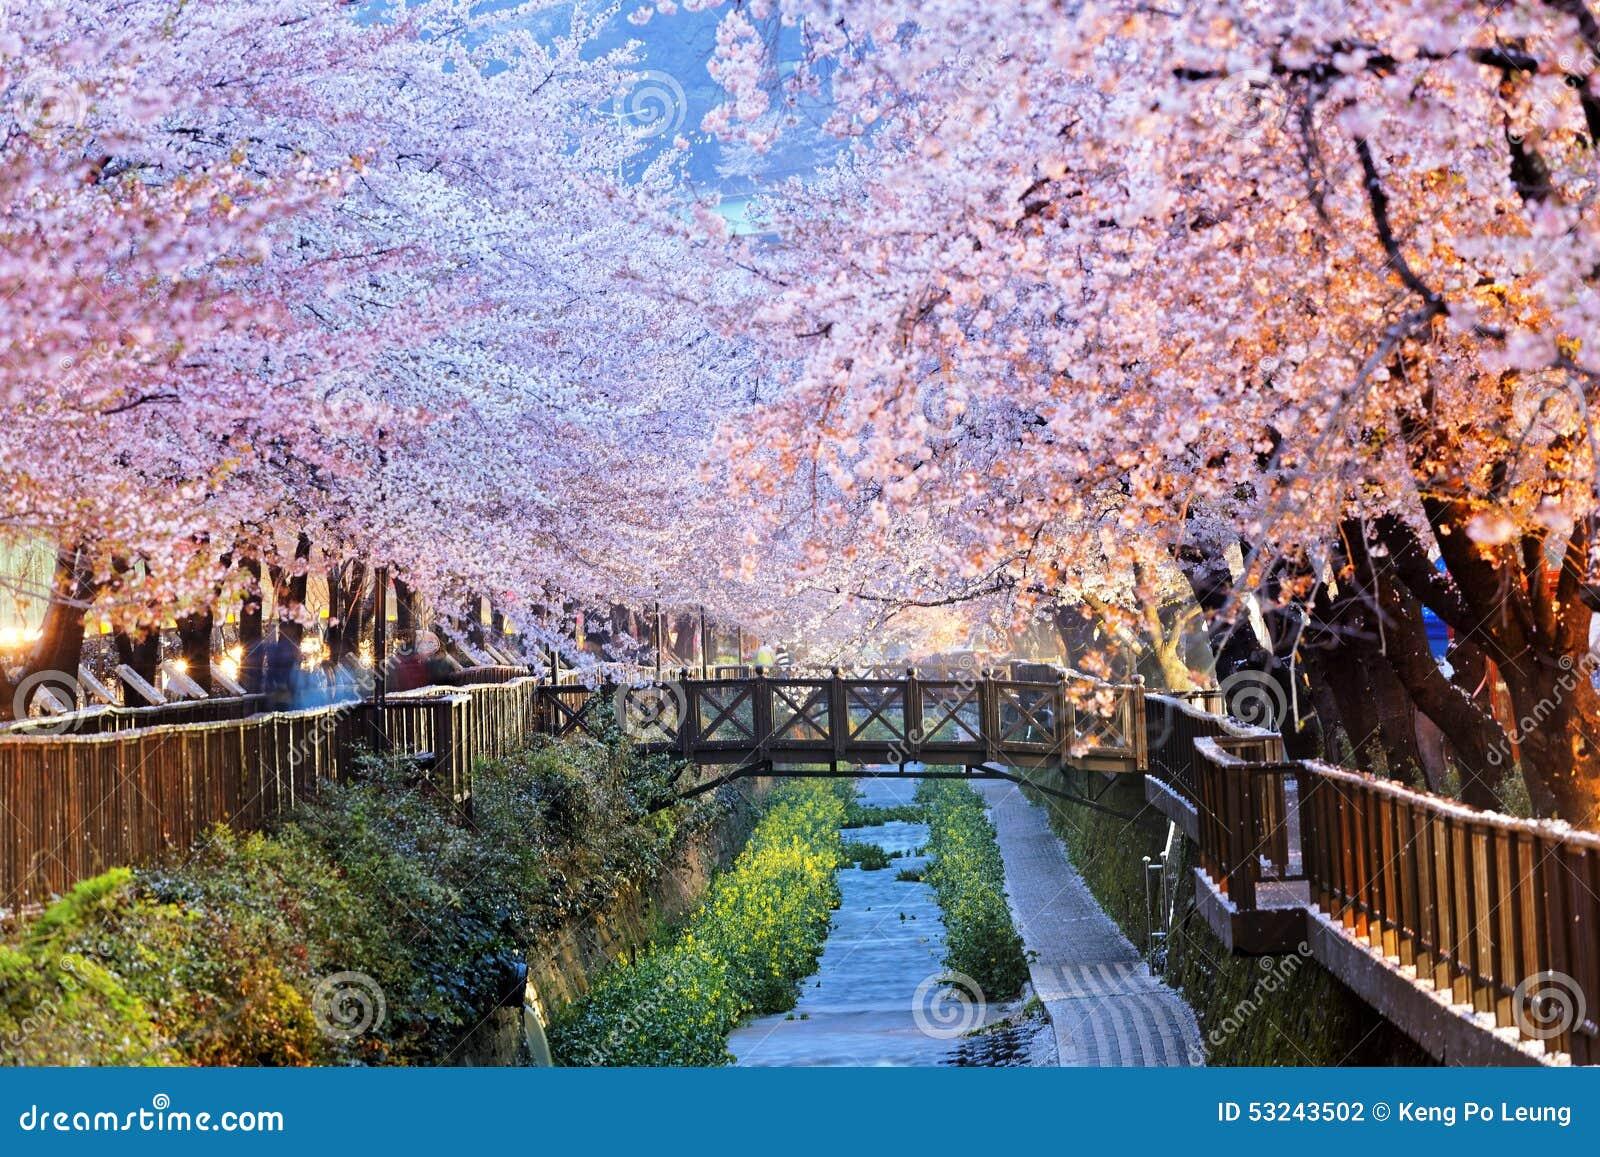 fleurs de cerisier ville de busan en cor e du sud photo stock image 53243502. Black Bedroom Furniture Sets. Home Design Ideas